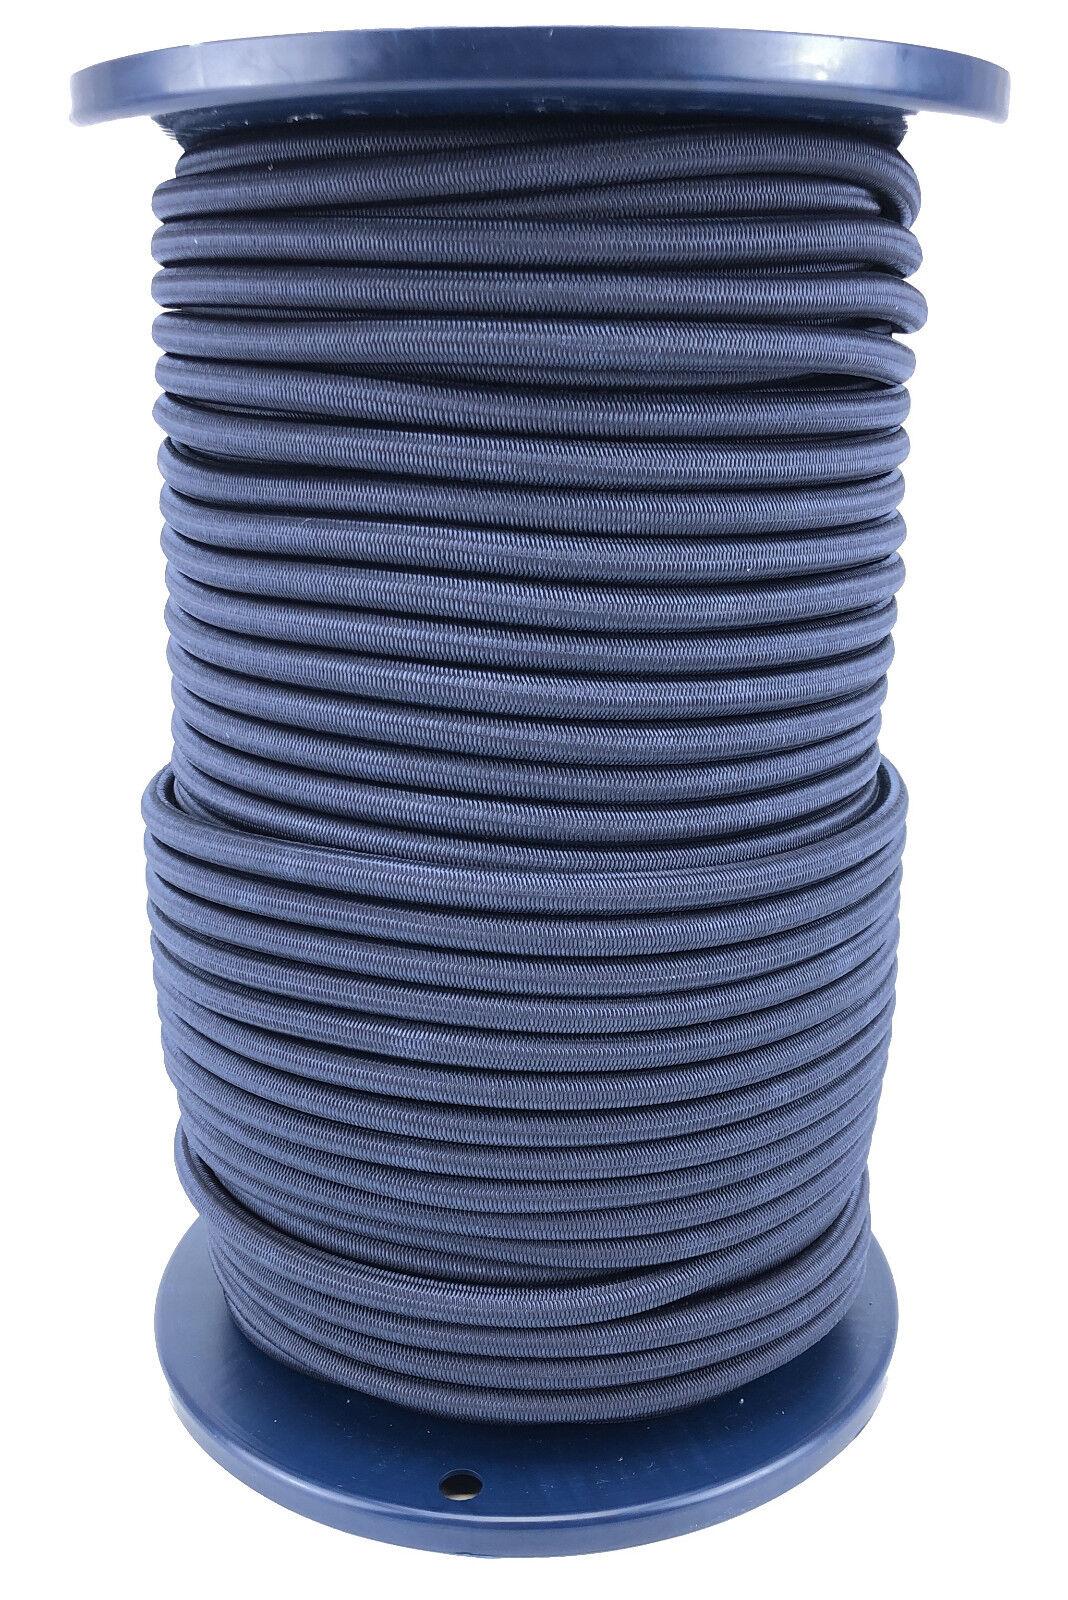 8mm Blu Navy Bungee Elastico Corda x 75 Metri Cordicella Elastica Corda